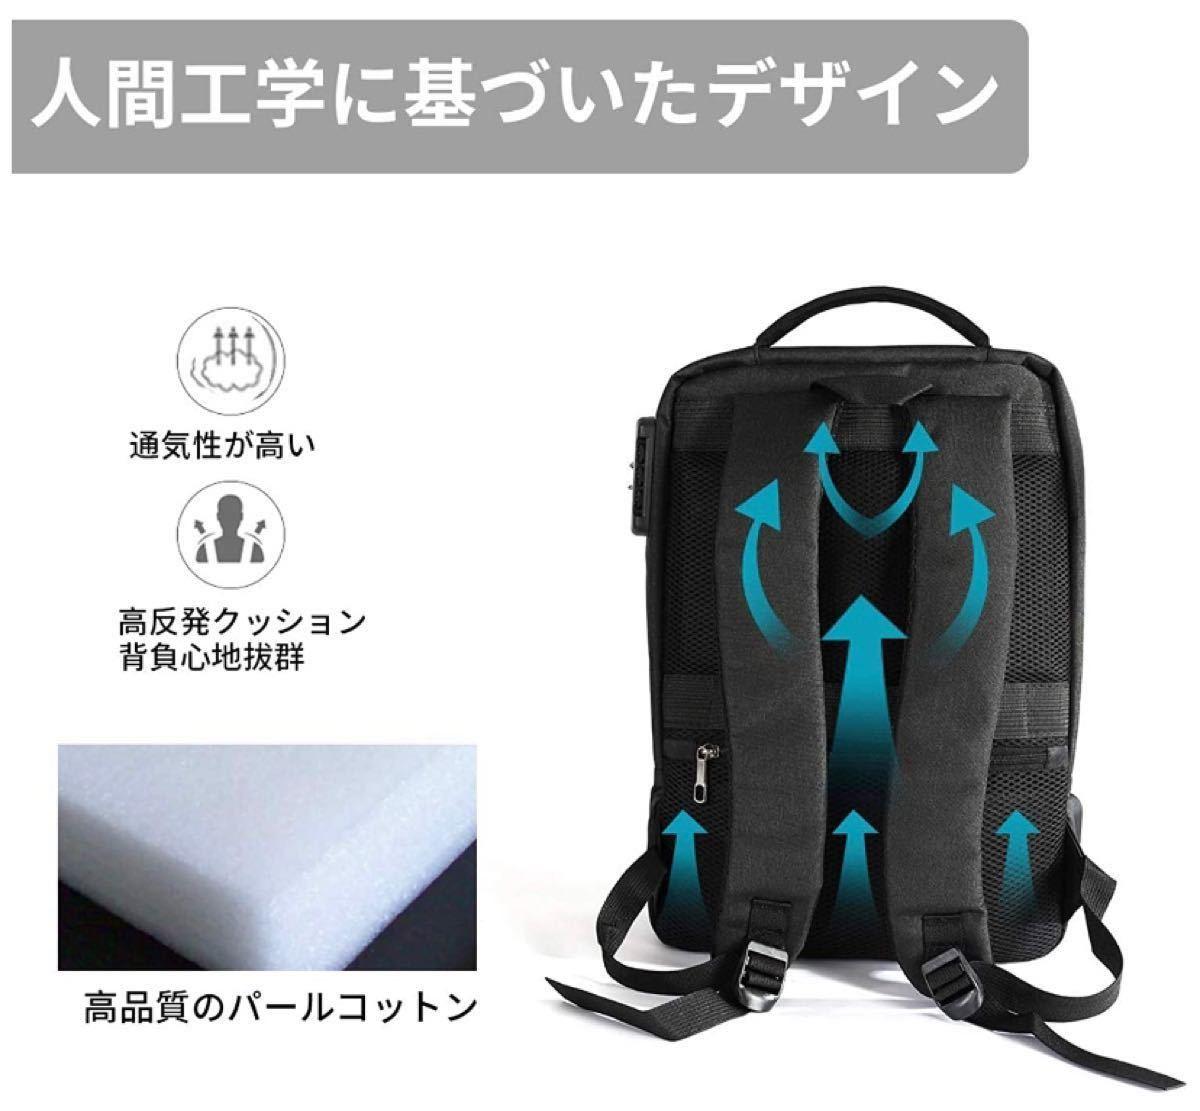 リュック メンズ ビジネスリュック 大容量 バックパック 防水 2way 多機能 通学 軽量 USB充電ポート